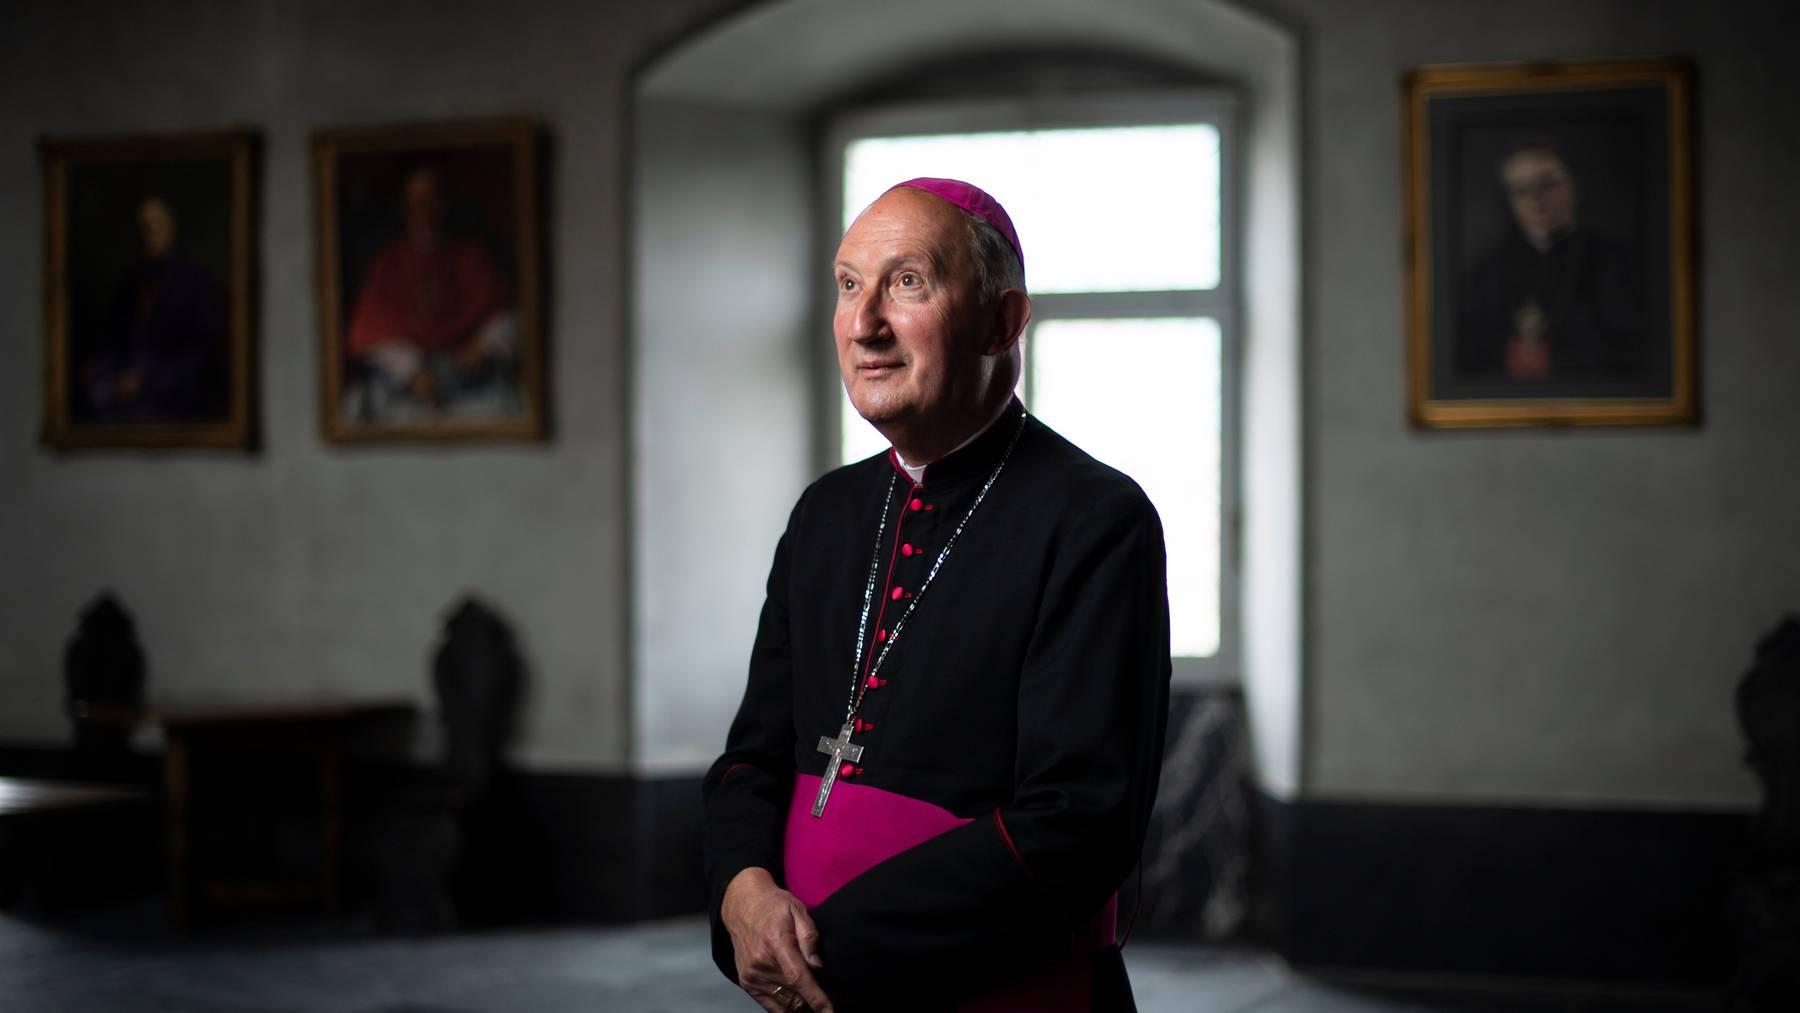 Der apostolische Administrator Peter Bürcher hätte seine Aufgaben gestern an den neuen Bischof übergeben sollen.